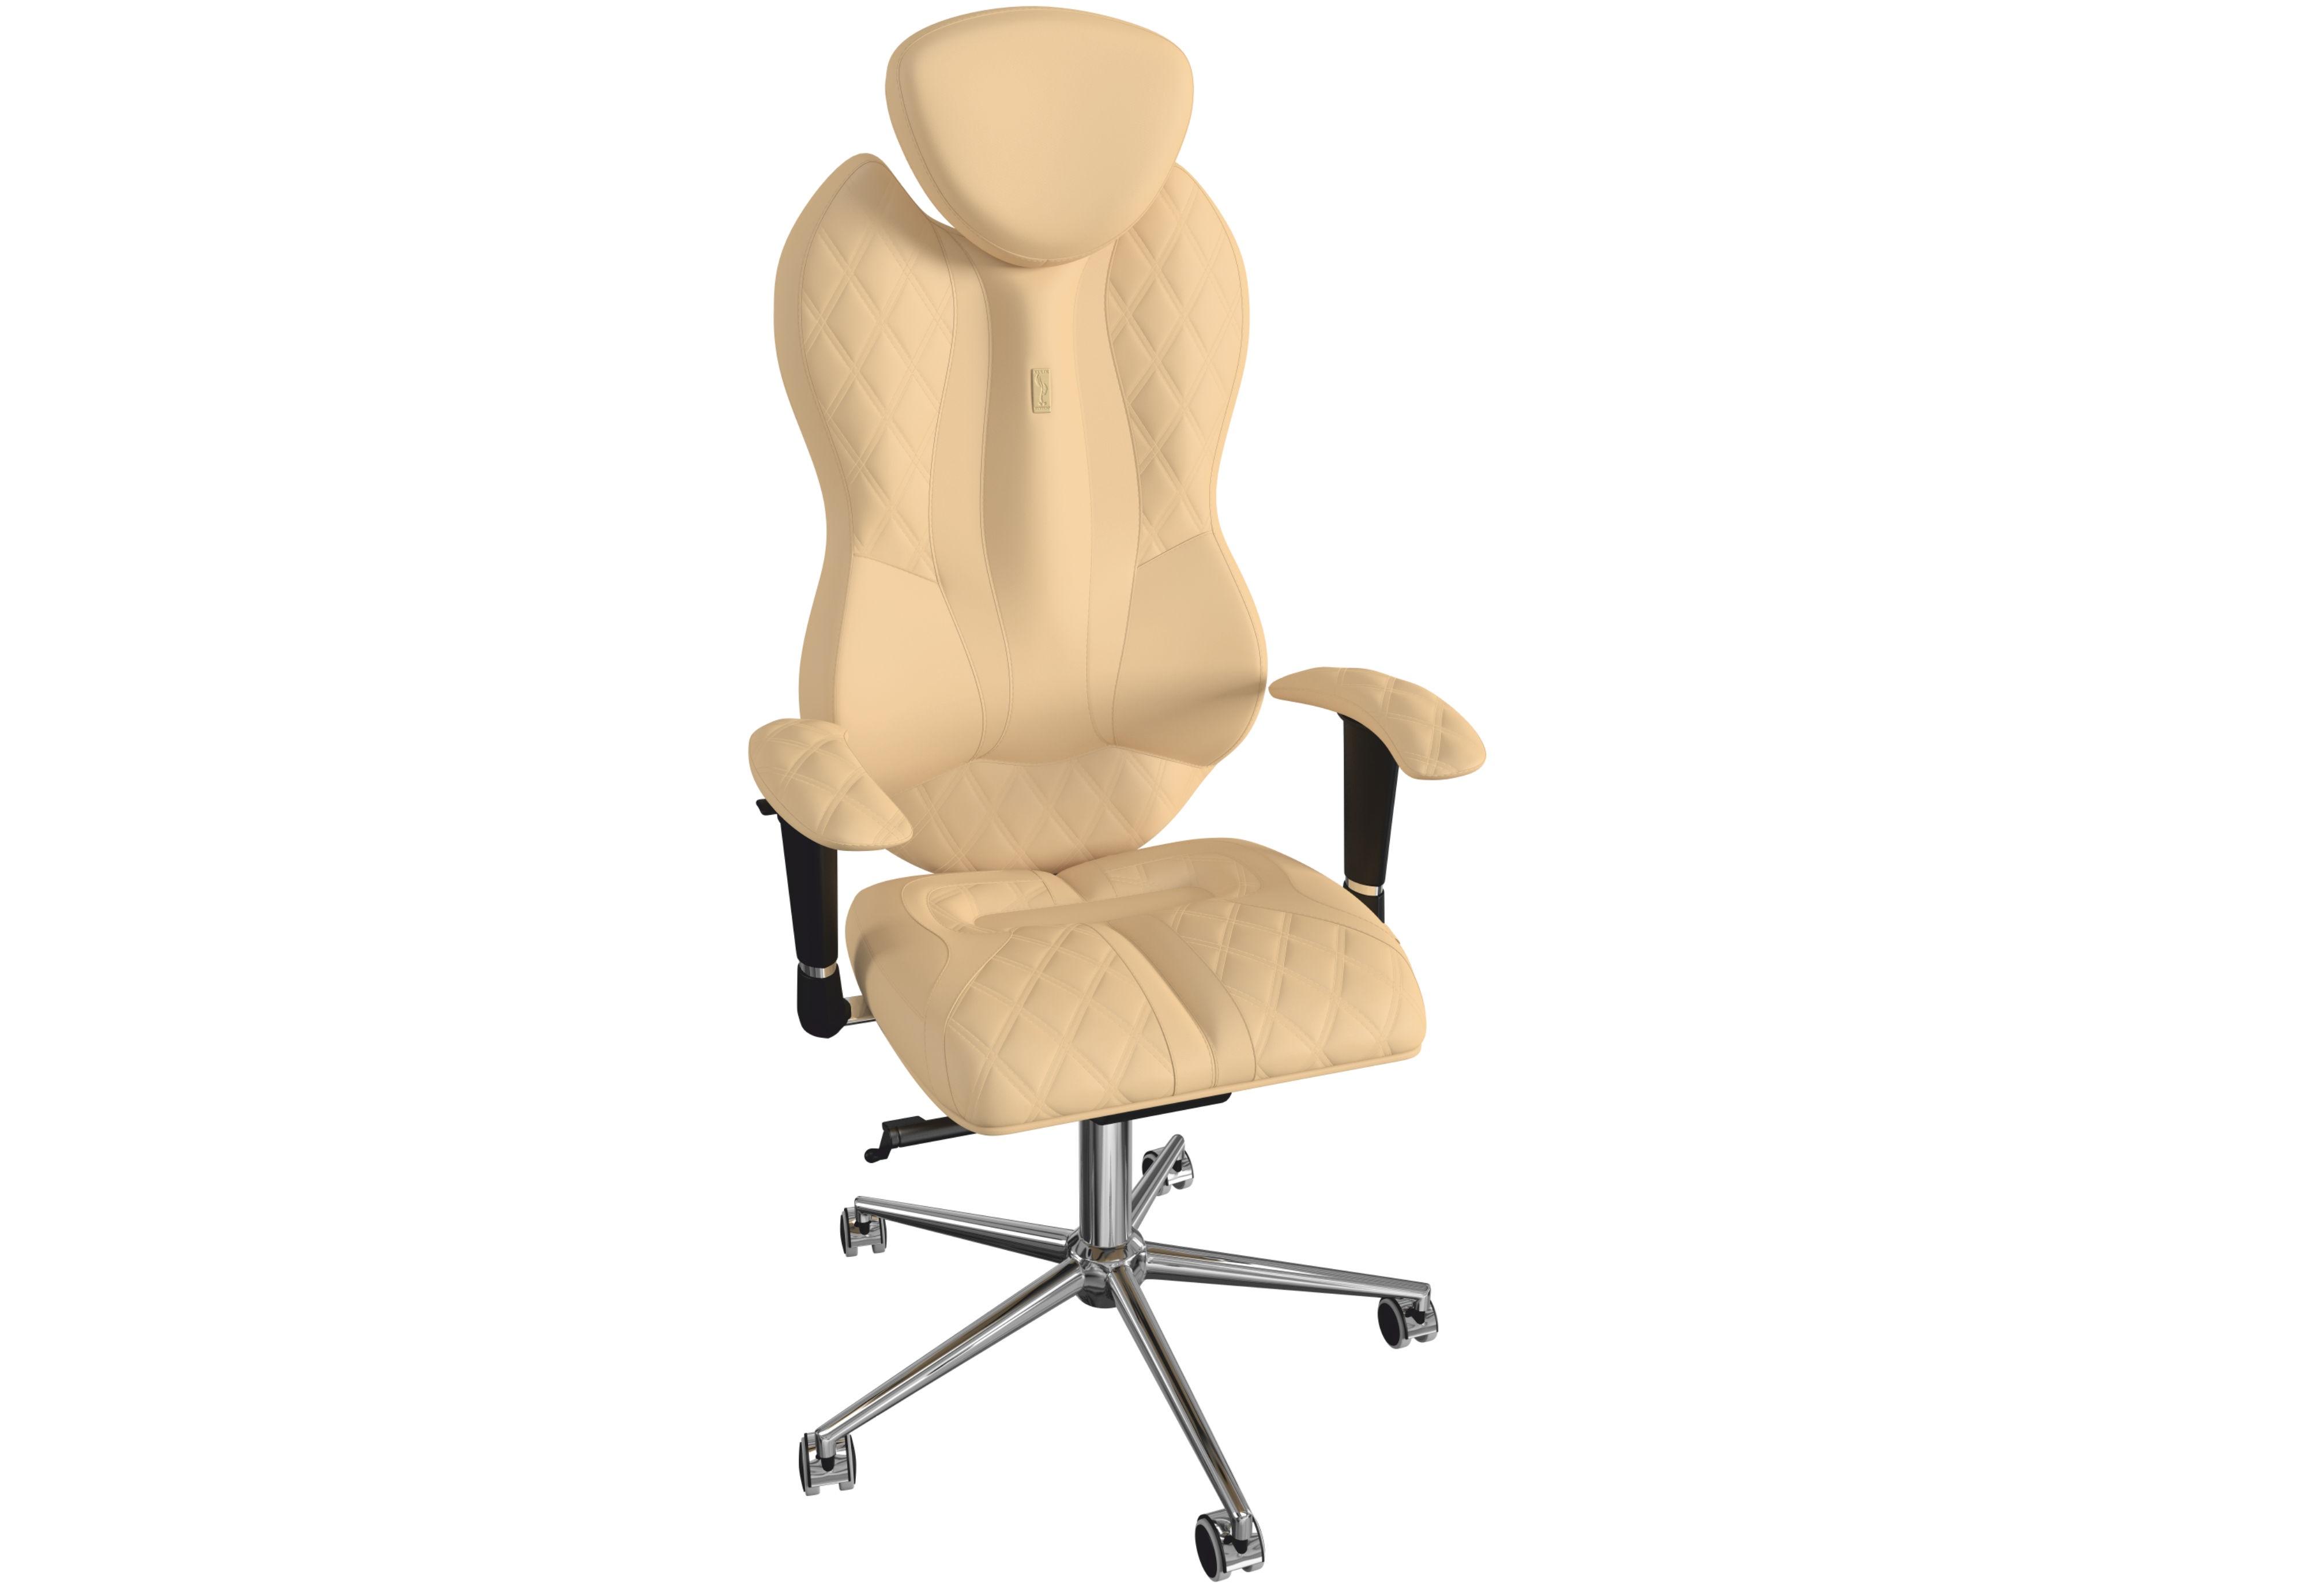 Кресло GRANDEРабочие кресла<br>&amp;lt;div&amp;gt;Эта модель создана для того, что бы дарить особое ощущение удобства и комфорта своему владельцу. Это кресло убережет вас от усталости и будет держать вас в рабочем тонусе.&amp;amp;nbsp;&amp;lt;/div&amp;gt;&amp;lt;div&amp;gt;&amp;lt;br&amp;gt;&amp;lt;/div&amp;gt;&amp;lt;div&amp;gt;Дополнительная комплектация:&amp;amp;nbsp;&amp;lt;/div&amp;gt;&amp;lt;div&amp;gt;Дизайнерский шов, перфорация, заказ в другом материале и цветеиз палитры образцов.&amp;amp;nbsp;&amp;lt;br&amp;gt;Информацию по стоимости уточняйте у менеджера.&amp;lt;/div&amp;gt;&amp;lt;br&amp;gt;<br>&amp;lt;iframe width=&amp;quot;500&amp;quot; height=&amp;quot;320&amp;quot; src=&amp;quot;https://www.youtube.com/embed/7lt6UnrydAk&amp;quot; frameborder=&amp;quot;0&amp;quot; allowfullscreen=&amp;quot;&amp;quot;&amp;gt;&amp;lt;/iframe&amp;gt;<br><br>Material: Кожа<br>Ширина см: 71.0<br>Высота см: 147.0<br>Глубина см: 58.0